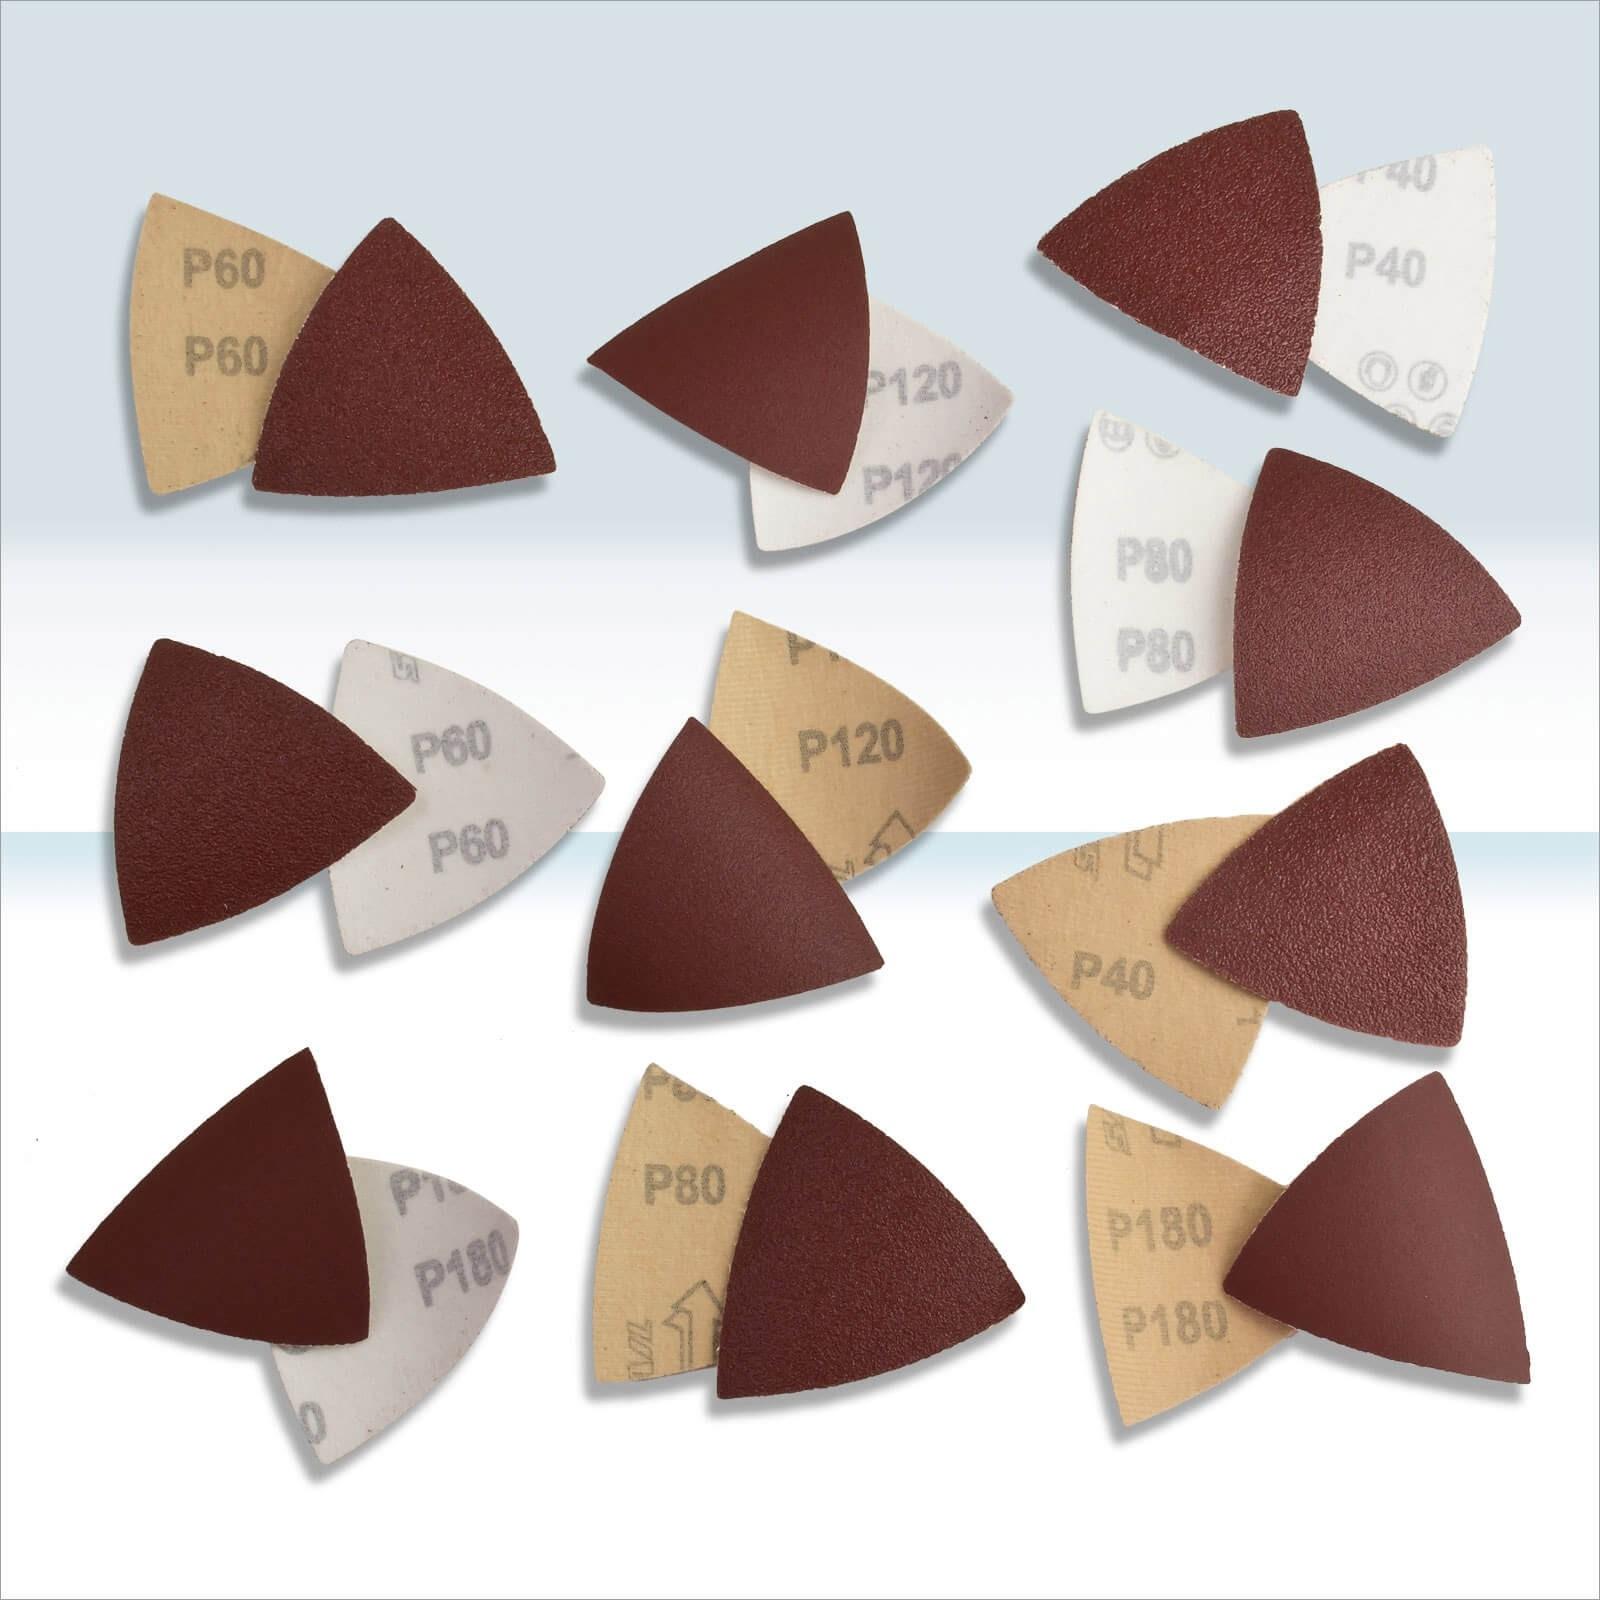 Dema Schleifblätter Set für Dreieckschleifer / Deltaschleifer 100-tlg. 15069